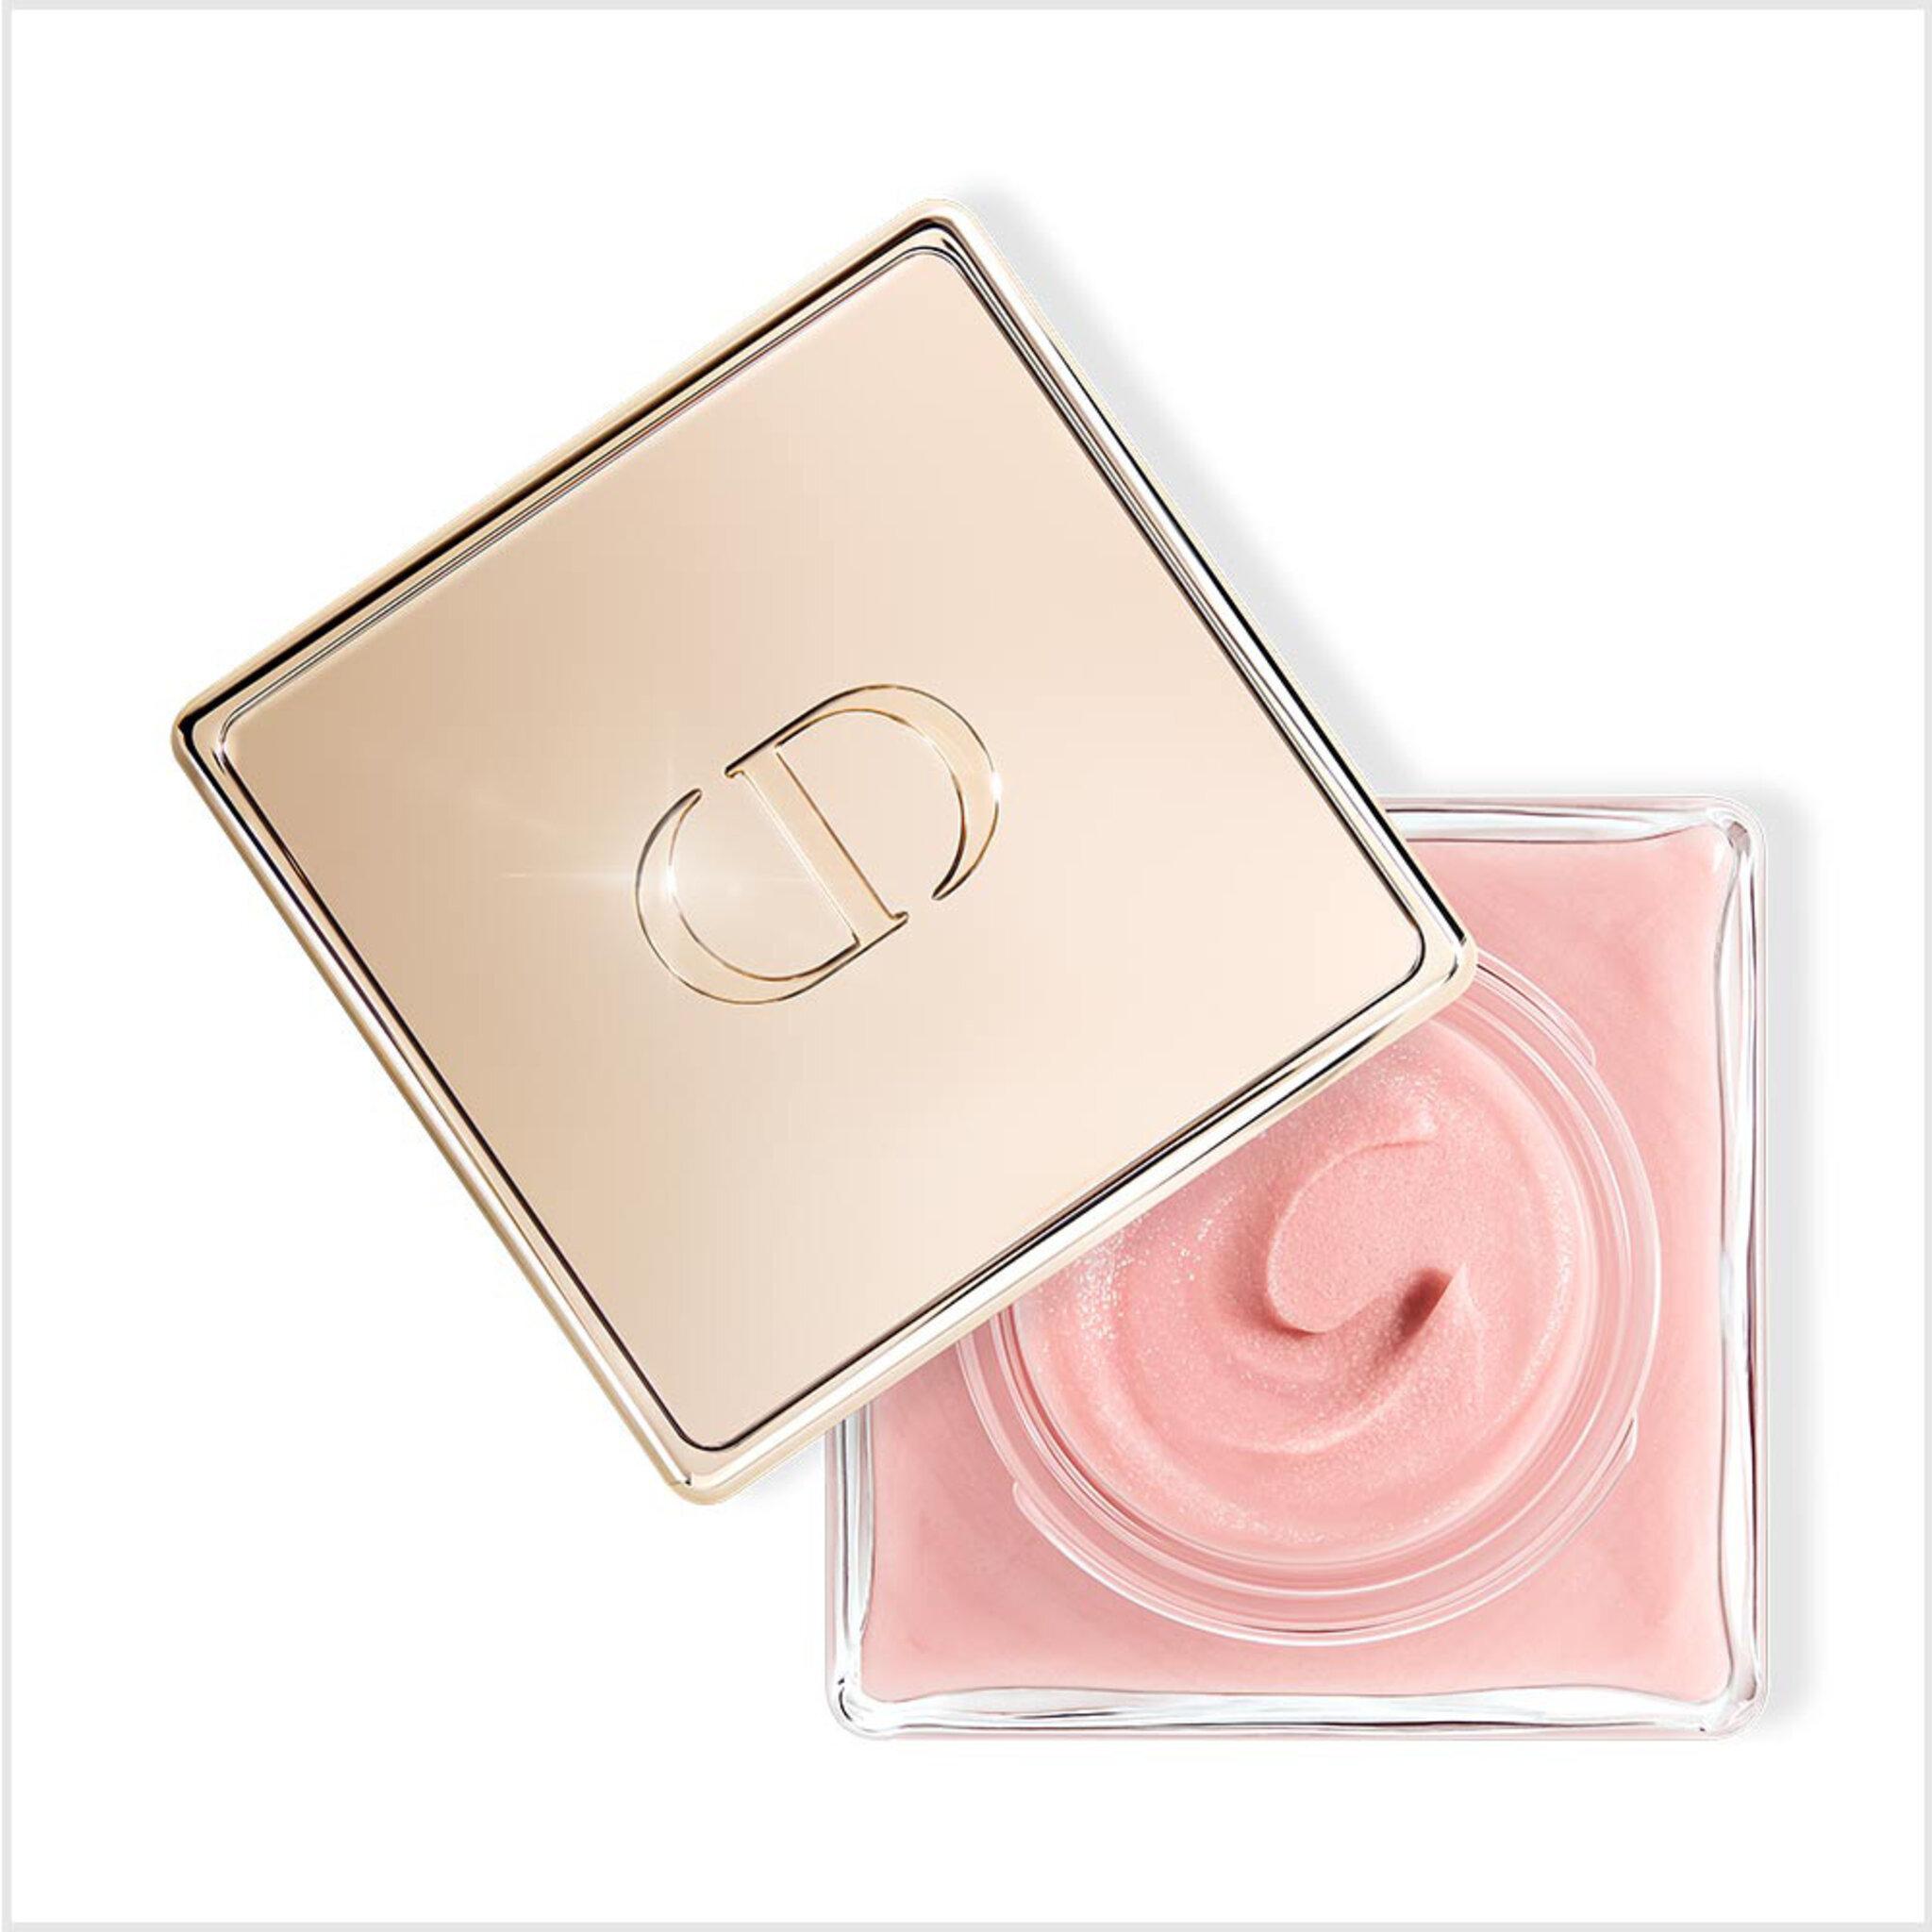 Dior Prestige Le Sucre de Gommage, 150 ML